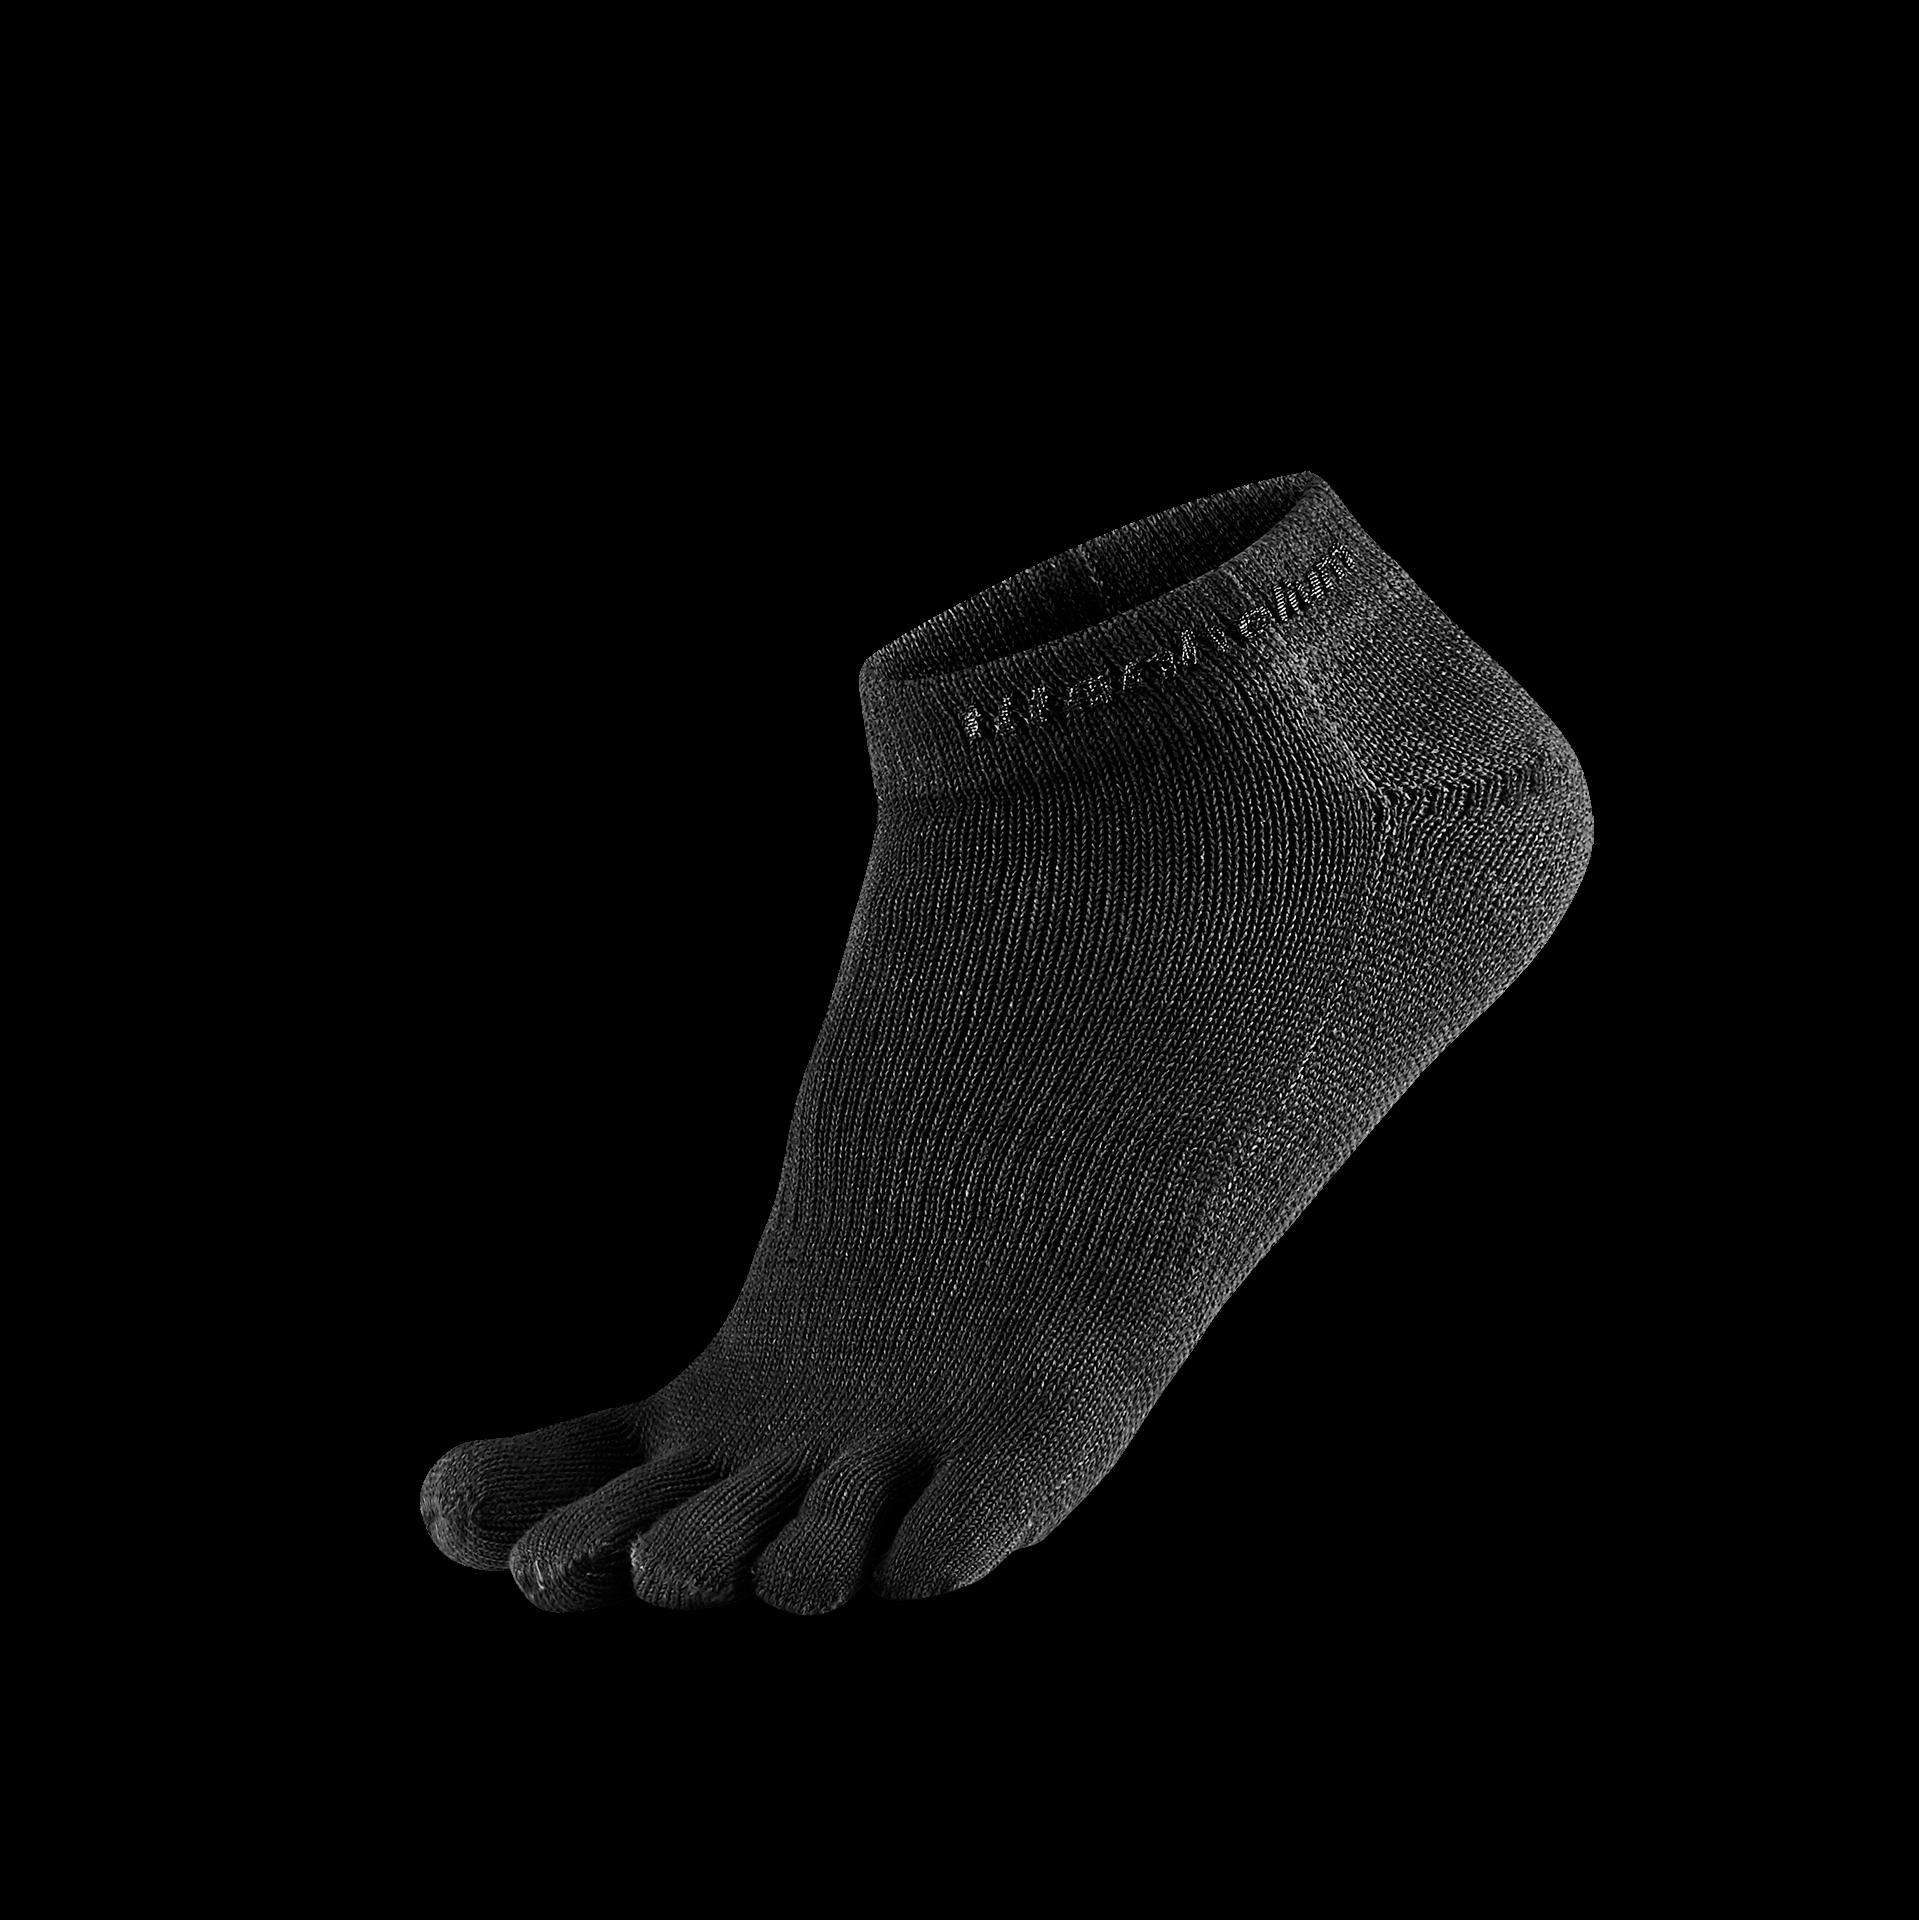 五趾生活運動踝襪